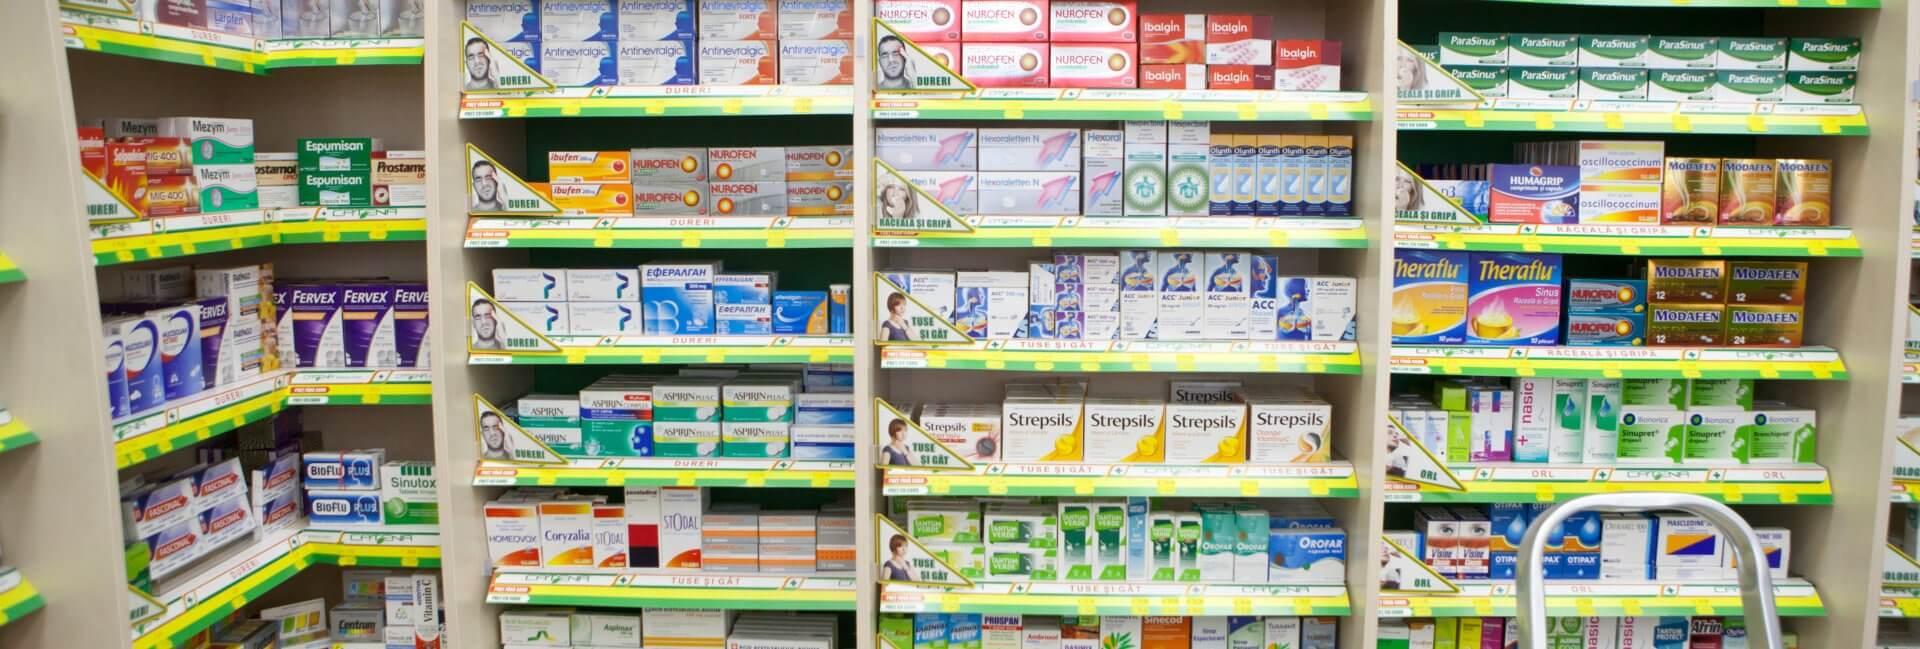 categorized medicines